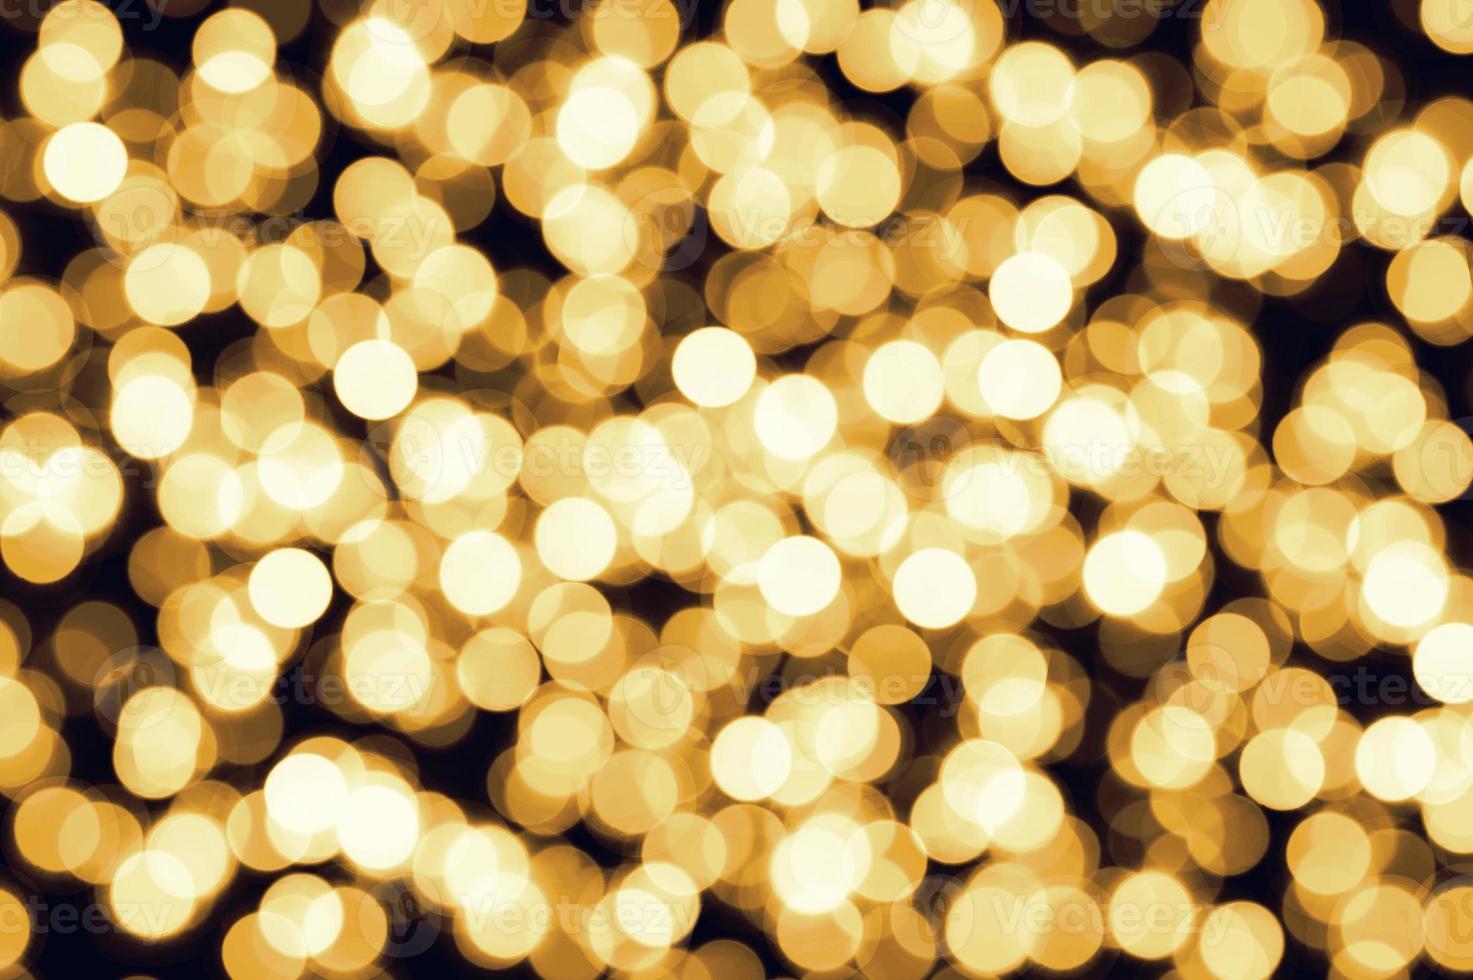 sfondo di luci di Natale bokeh defocused giallo oro foto